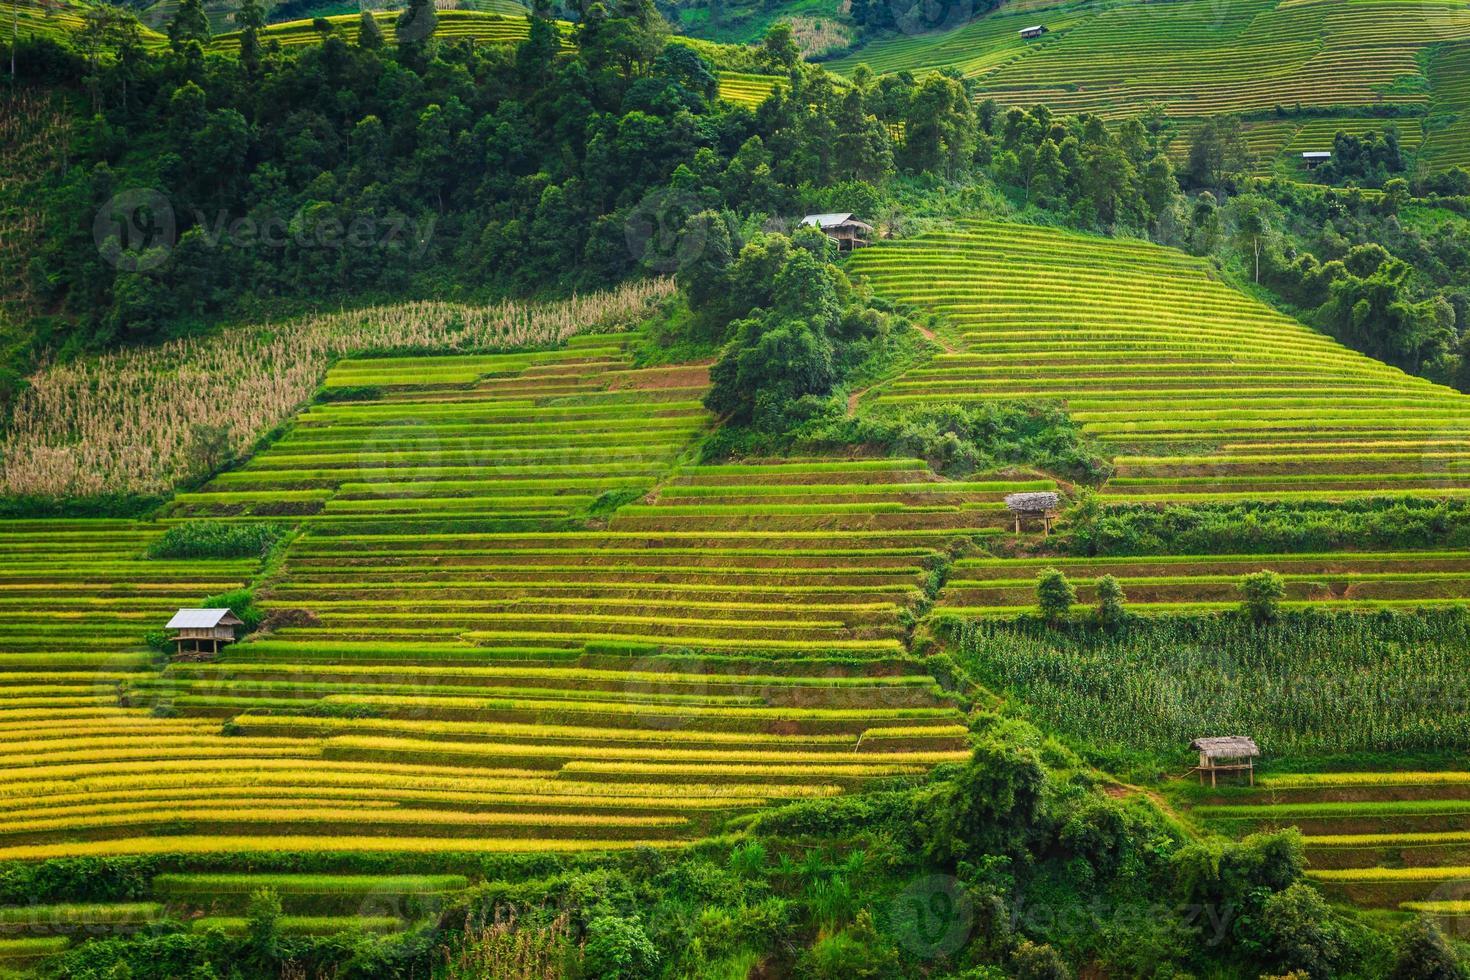 rizières en terrasses vallée vietnam photo